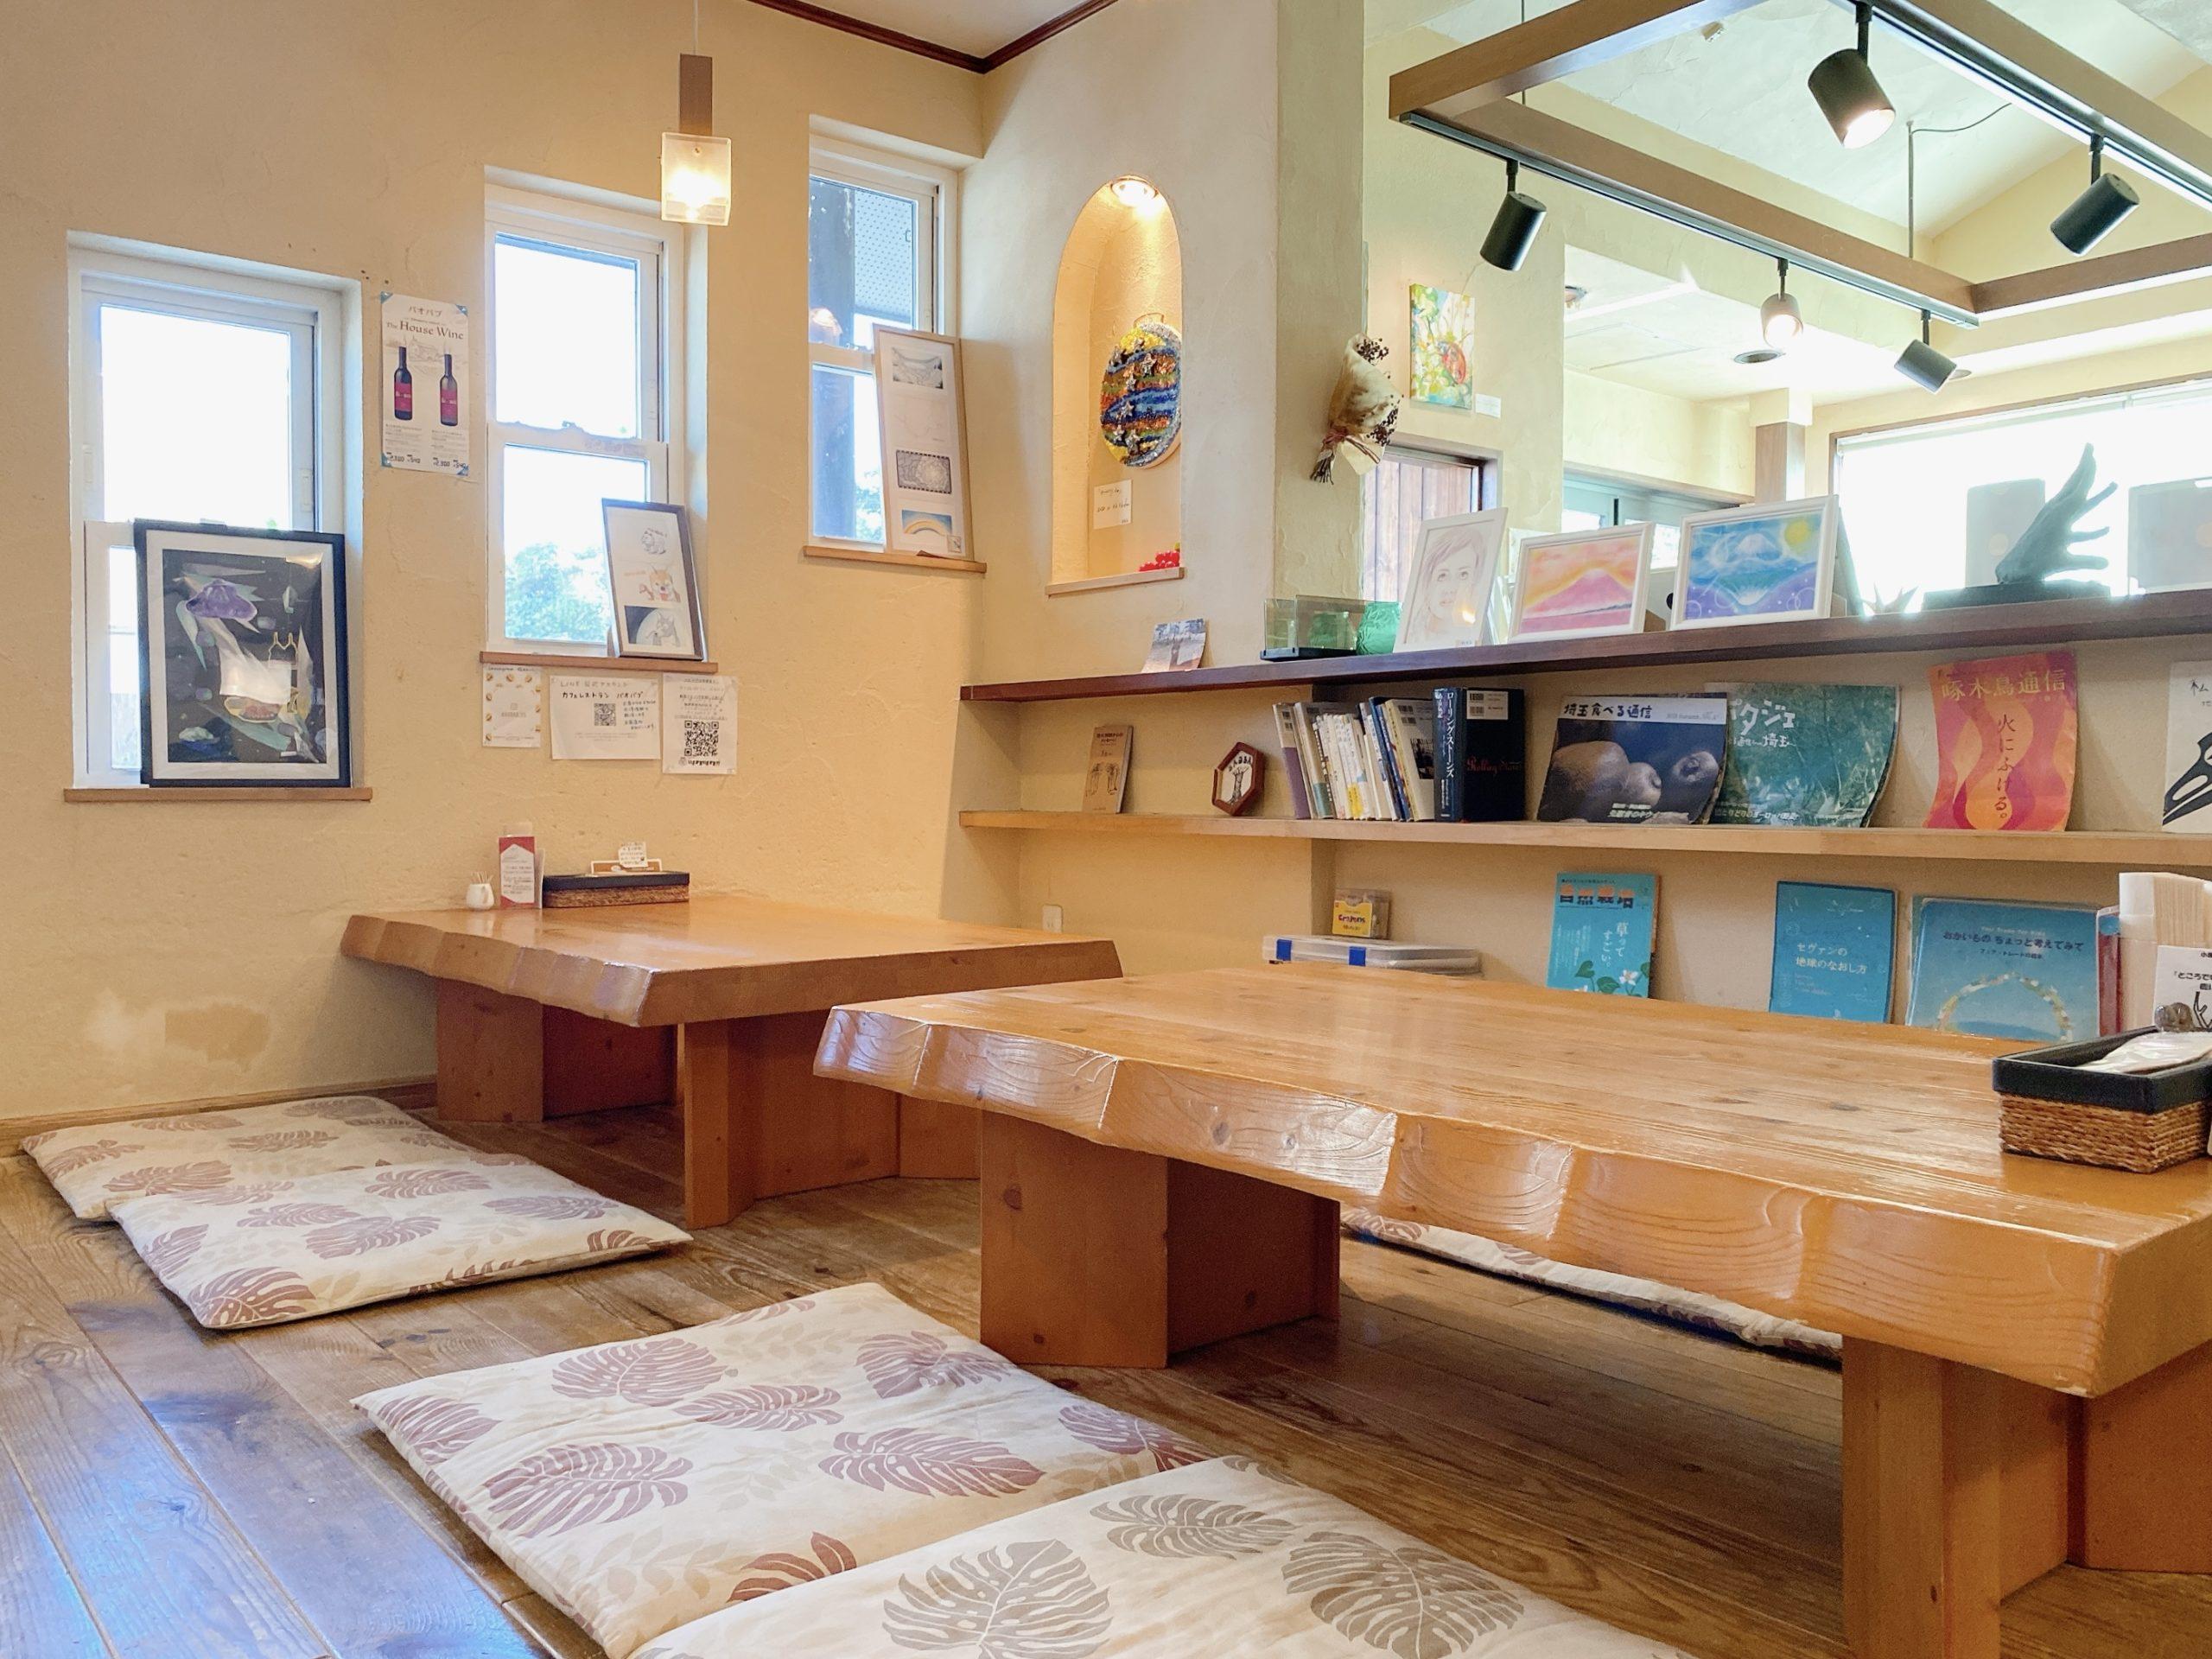 桜区白鍬 カフェレストラン バオバブ スイーツ ランチ